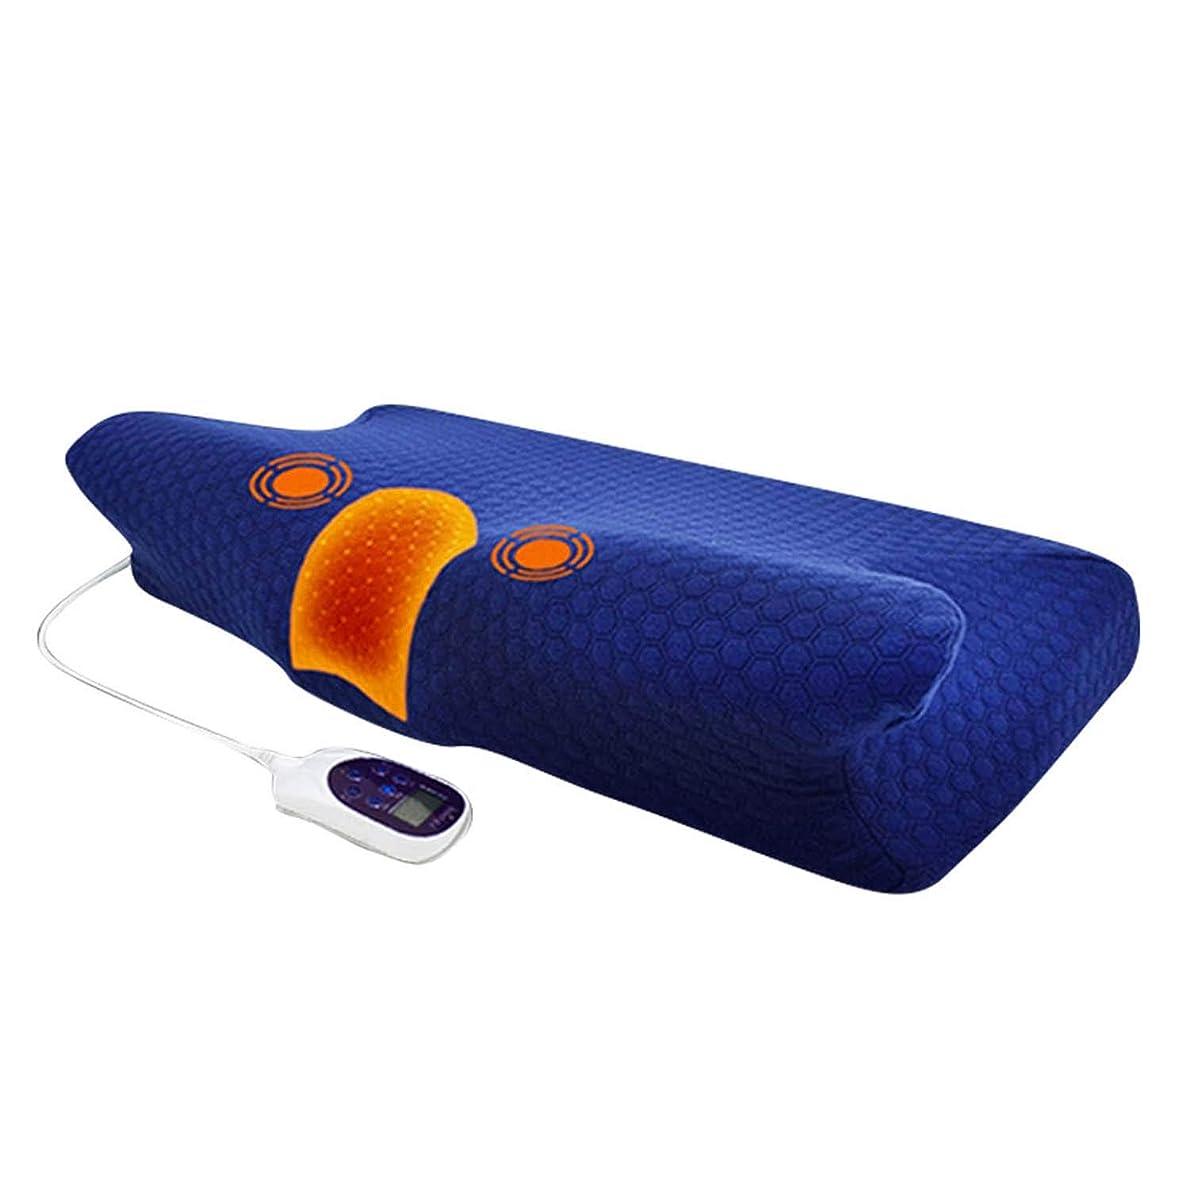 村苦しみパウダー低反発枕、寝ている首のマッサージベッドの枕、首のサポート枕首の痛み(ピルなし)